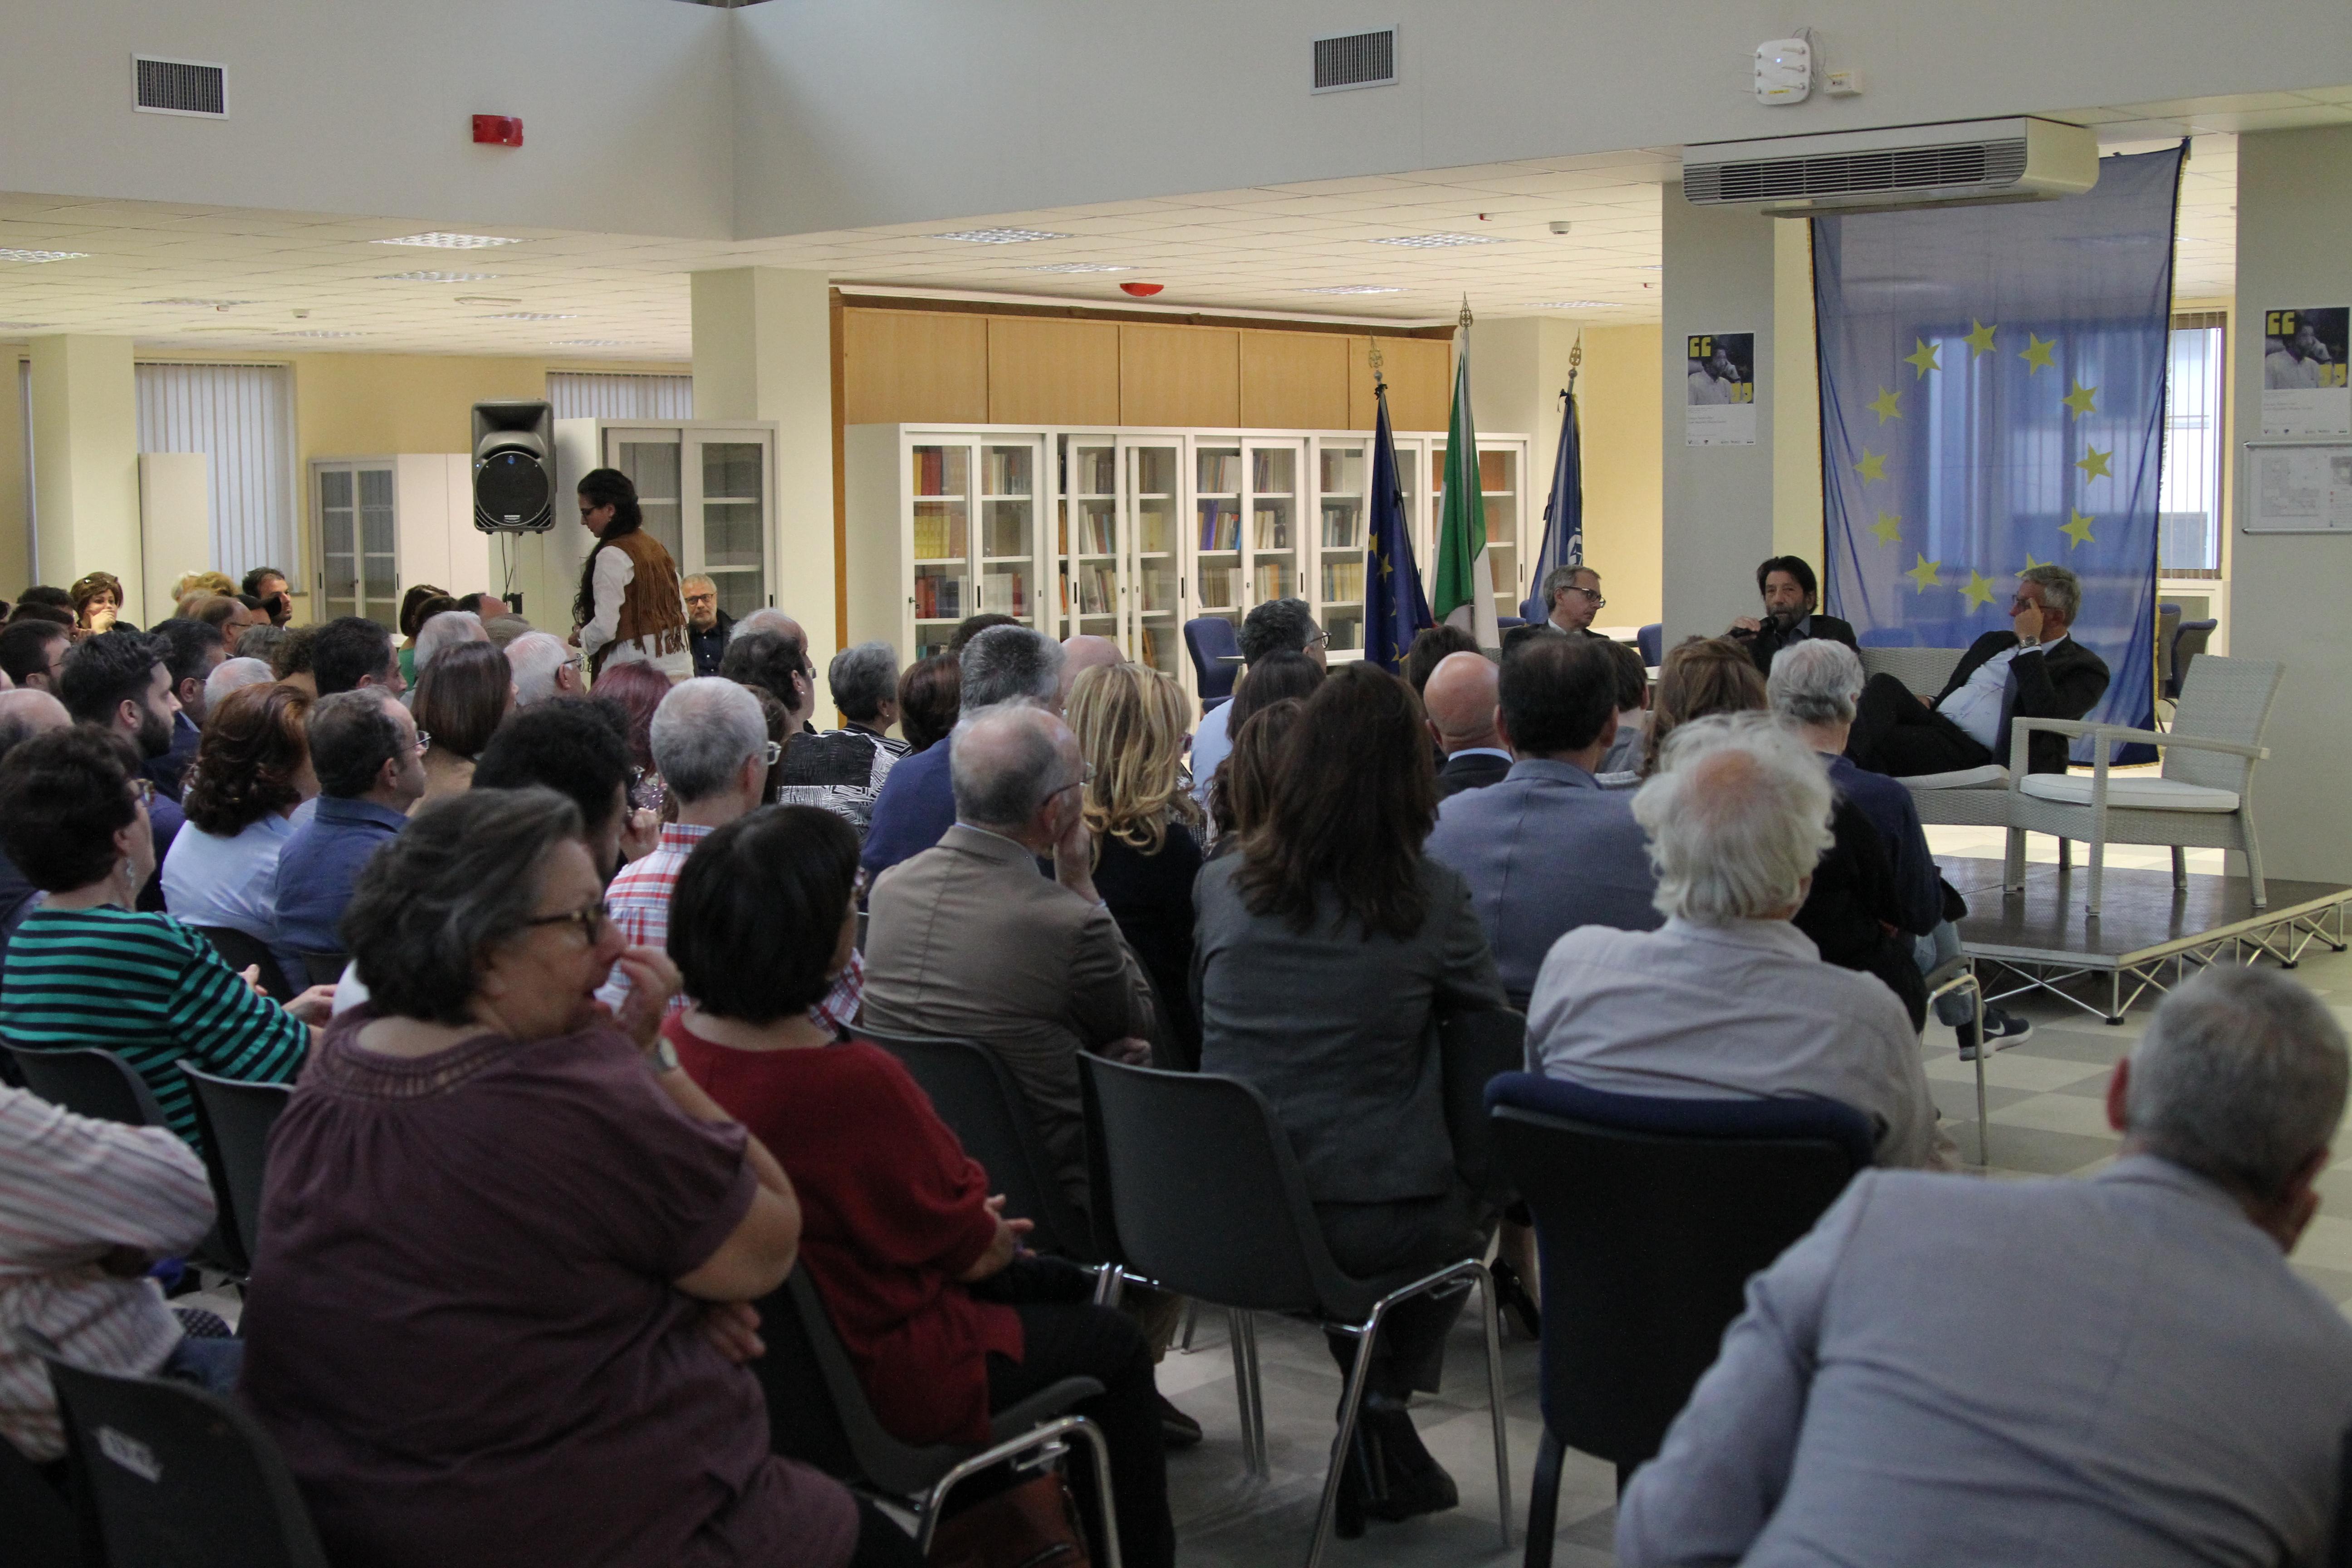 GFCG2748 EUROPA: INIZIO O FINE? LA LECTIO MAGISTRALIS CON MASSIMO CACCIARI, LA FOTOGALLERY